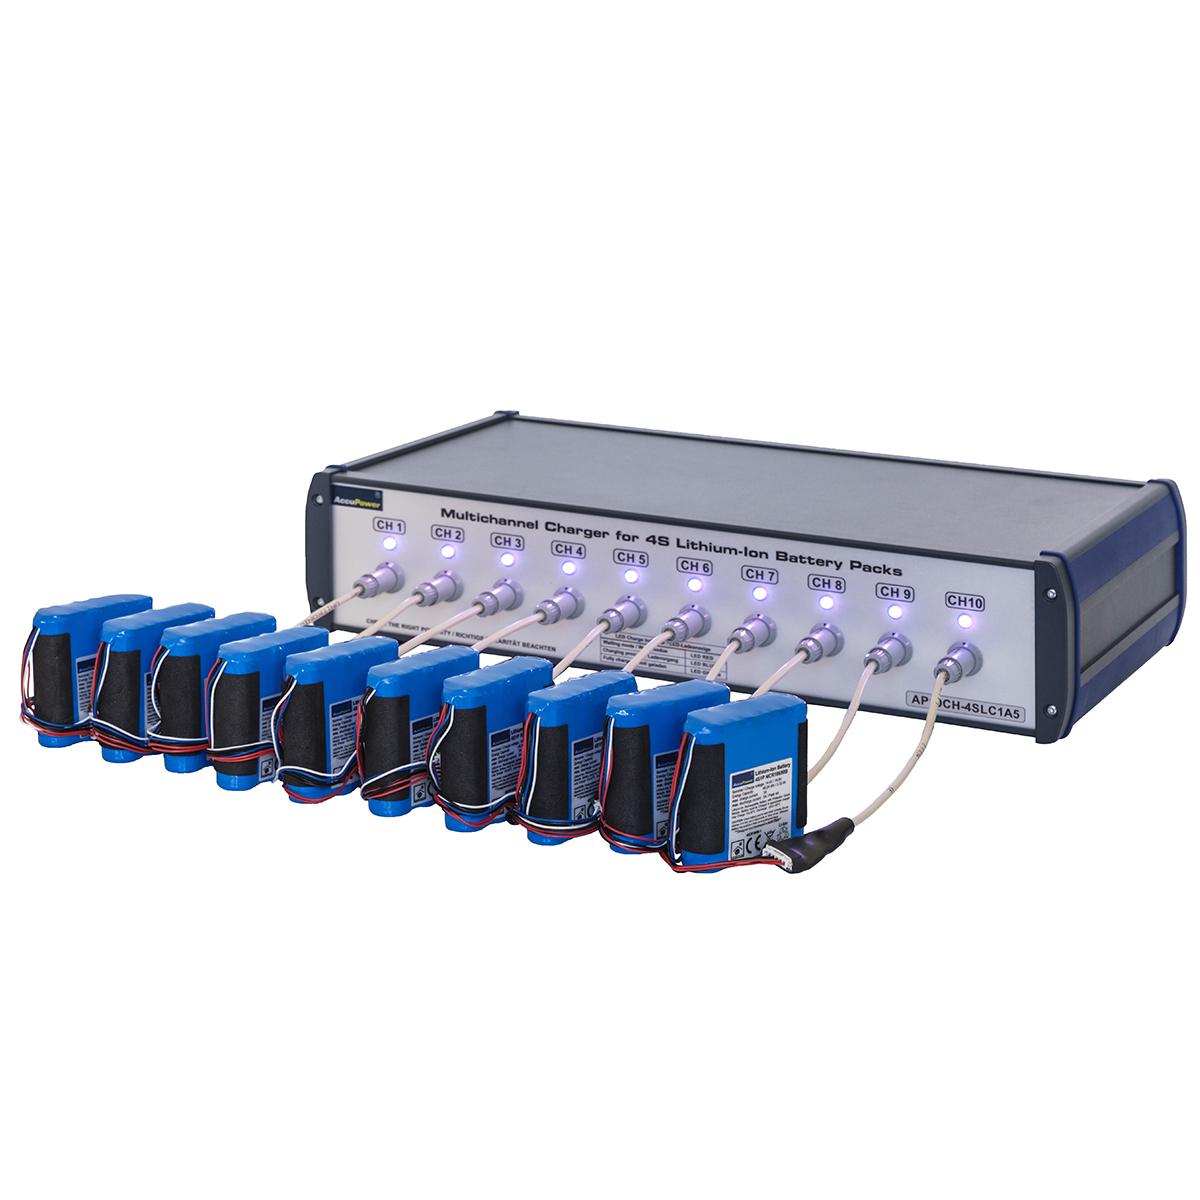 AccuPower 10-Kanal Ladestation für 1S bis 5S Li-Ion oder Li-Poly Akkupacks